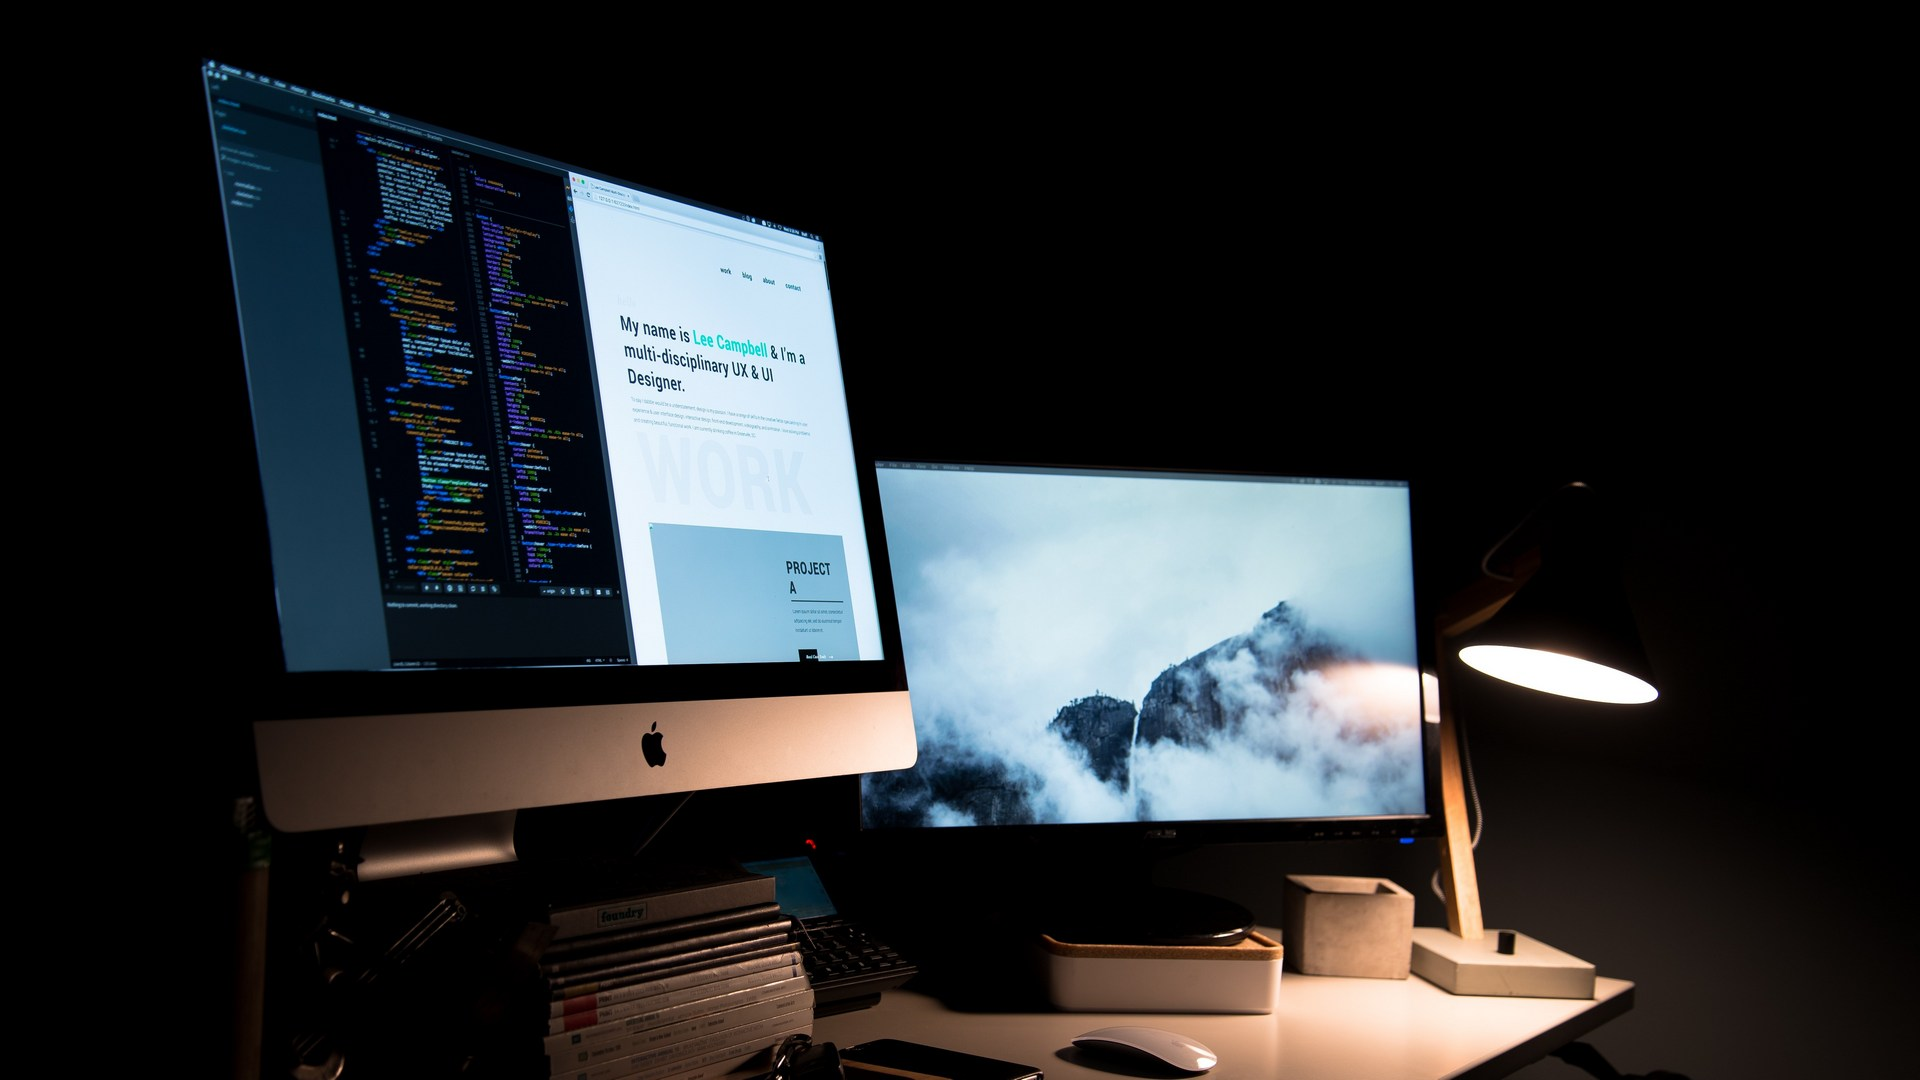 Agência de Inbound Marketing - Bravery Digital Marketing - Criação de sites que covertem